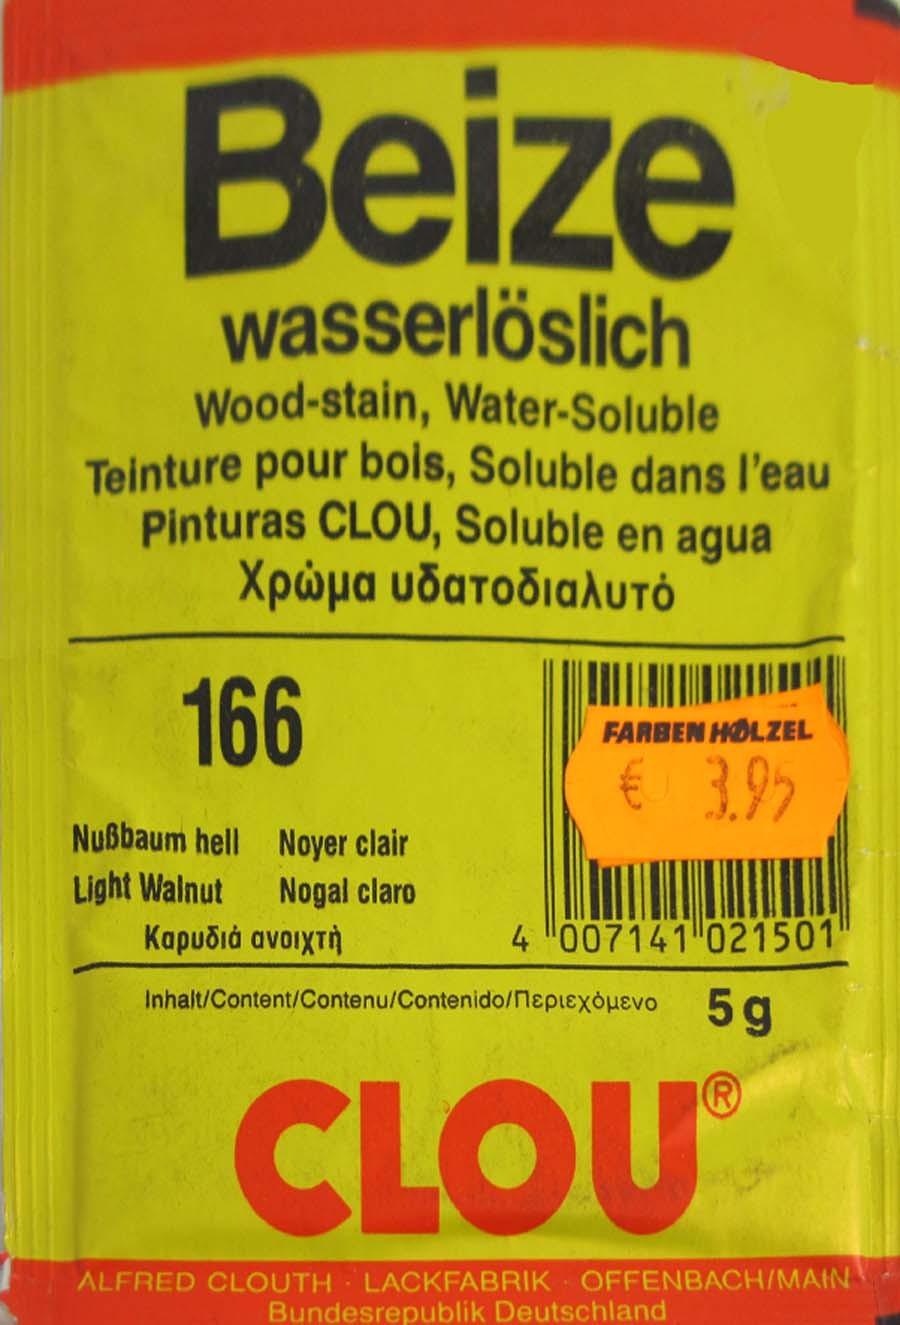 Beize Nußbaum hell 166 wasserlöslich 5 g Clou